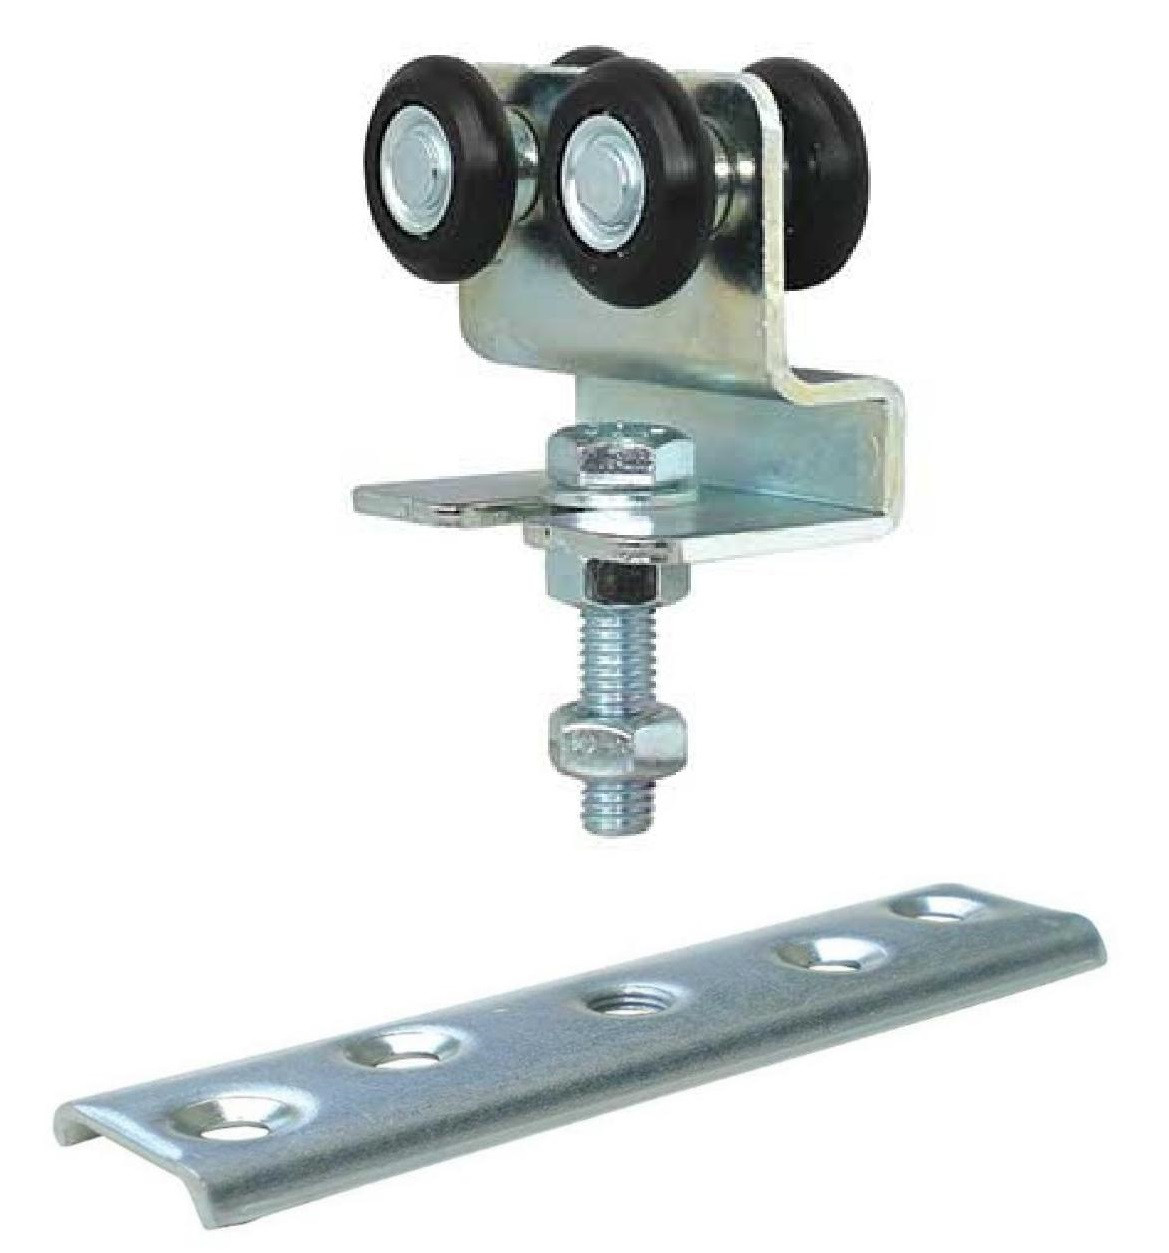 Каретка регулируемая с пластиной 4 ролика 24 мм.нейлон  до 90 кг.